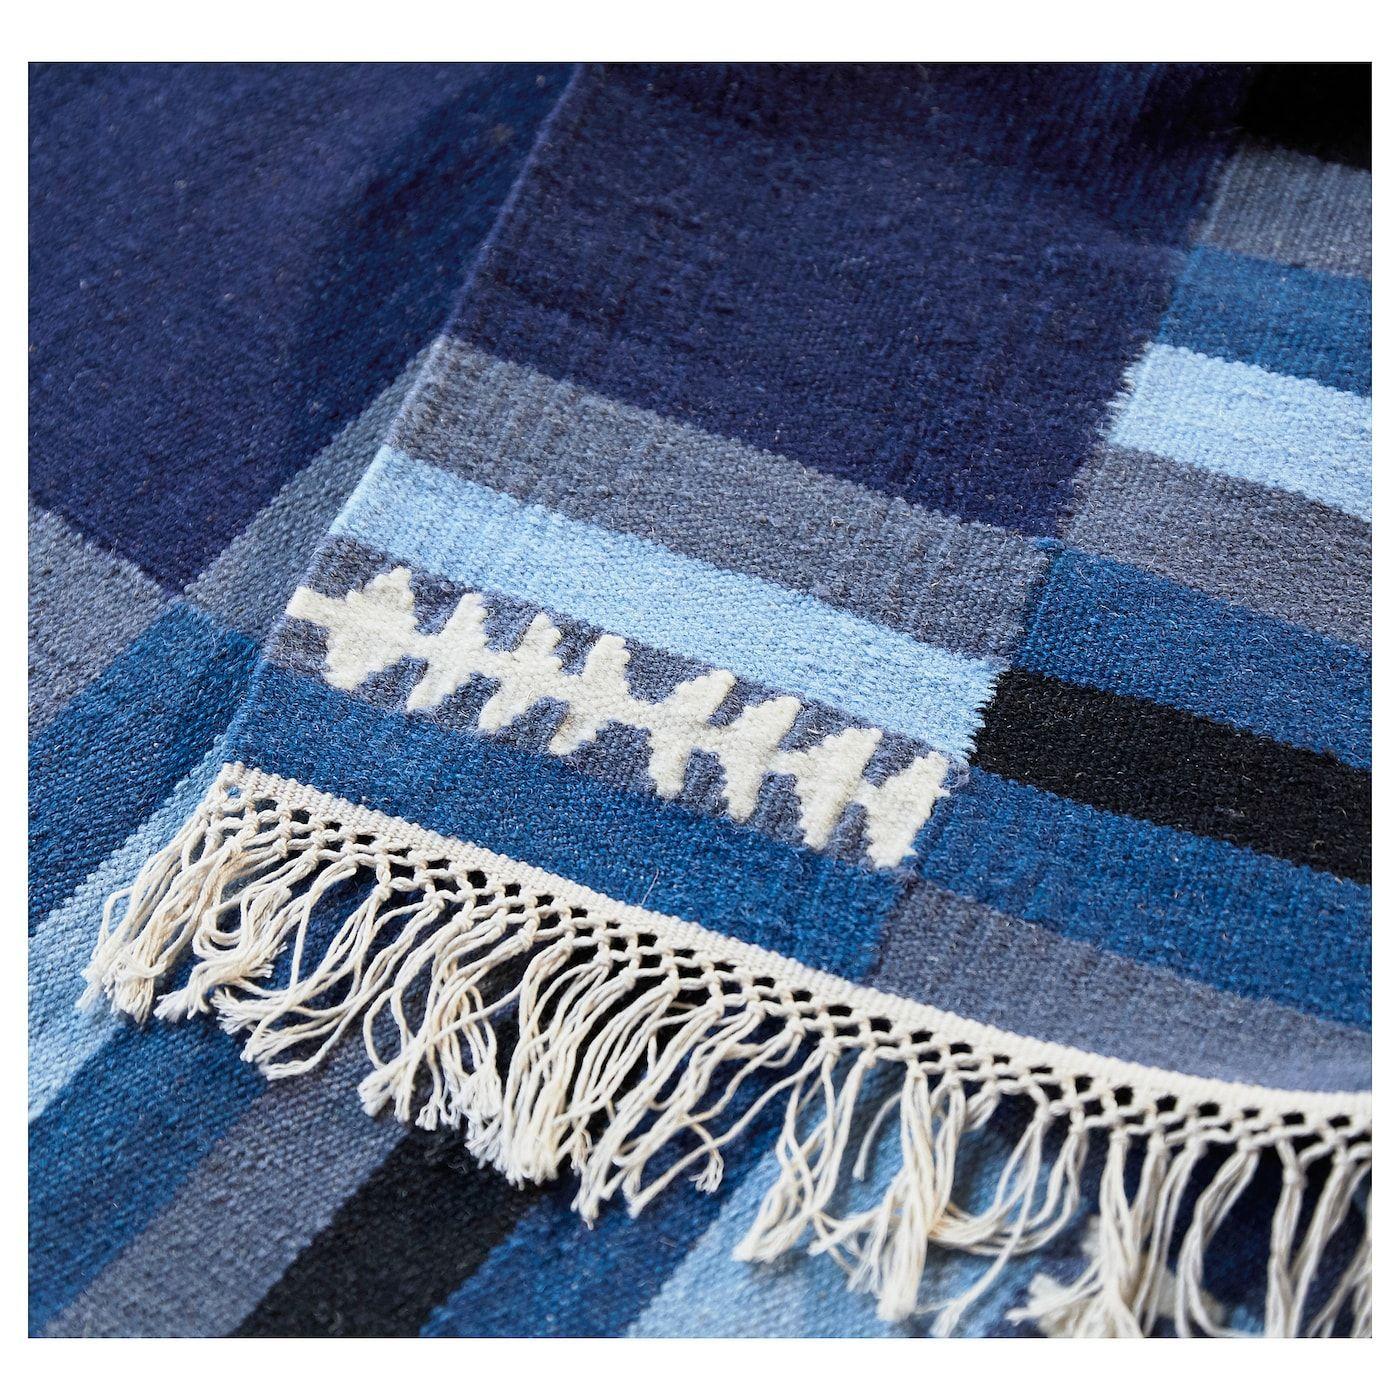 Ikea Tranget Rug Flatwoven Handmade Assorted Blue Shades Mit Bildern Teppich Flach Gewebt Teppich Wollteppich